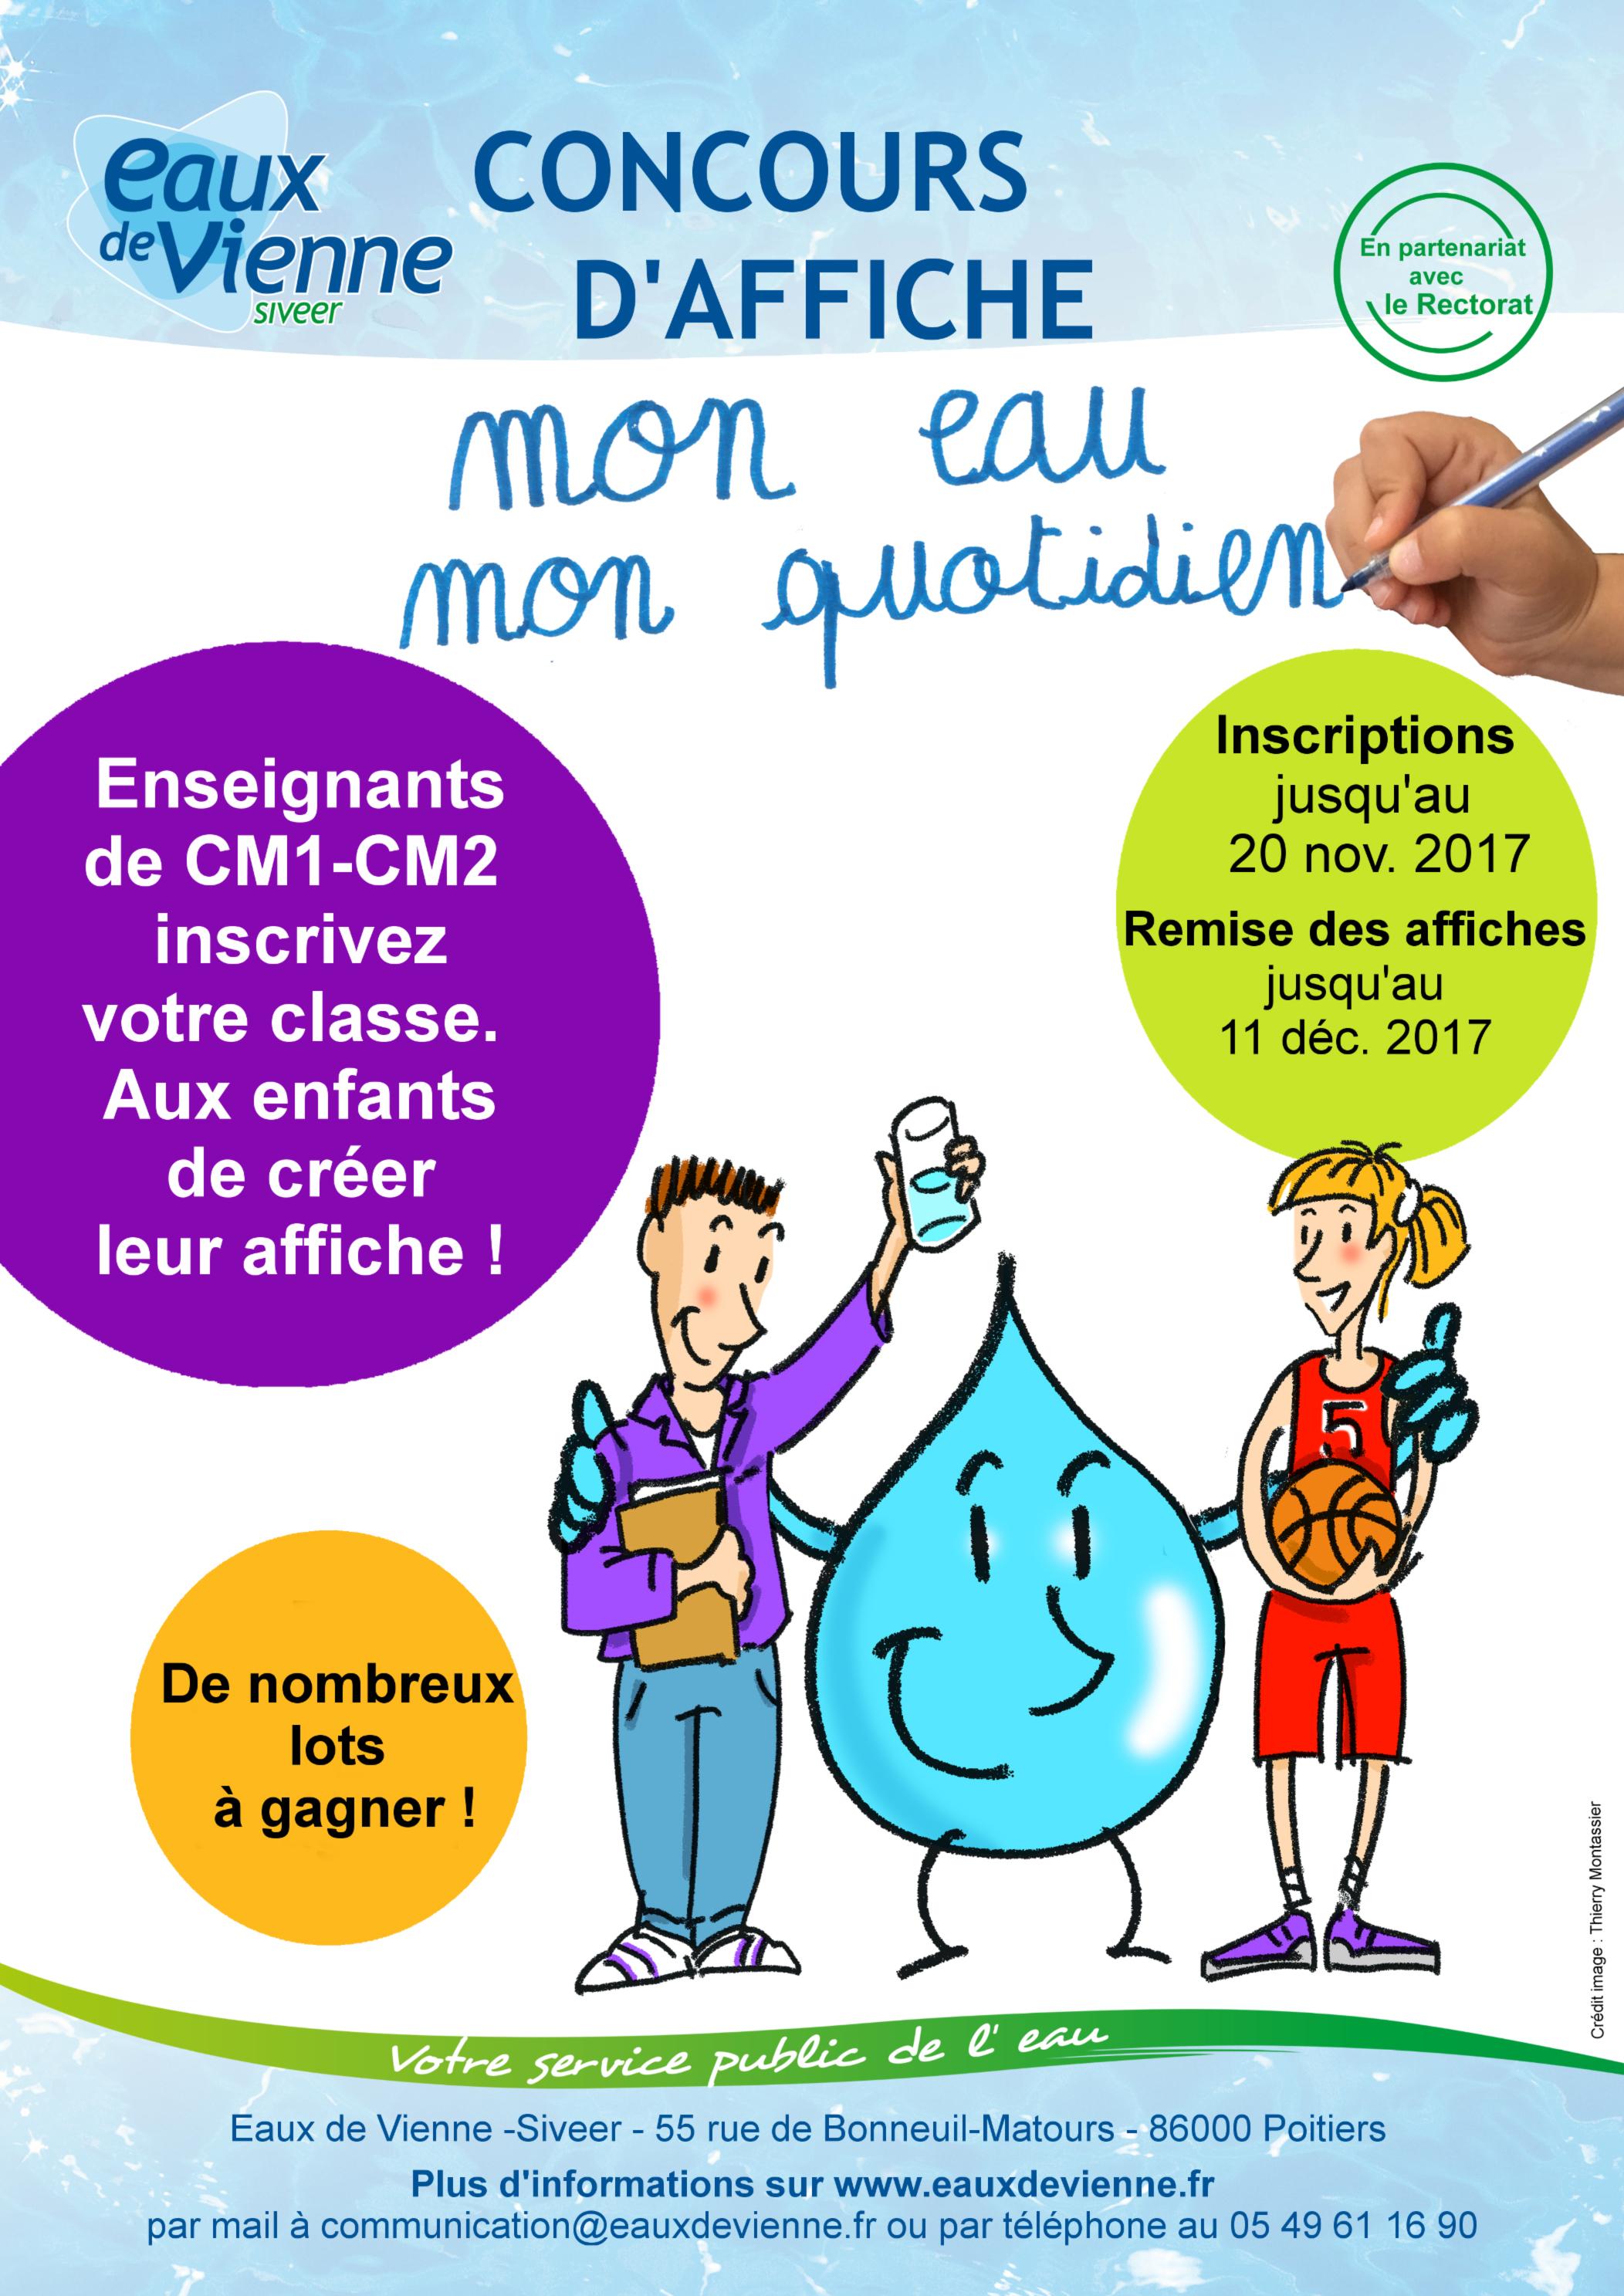 Concours d'affiche «Mon eau, mon quotidien»